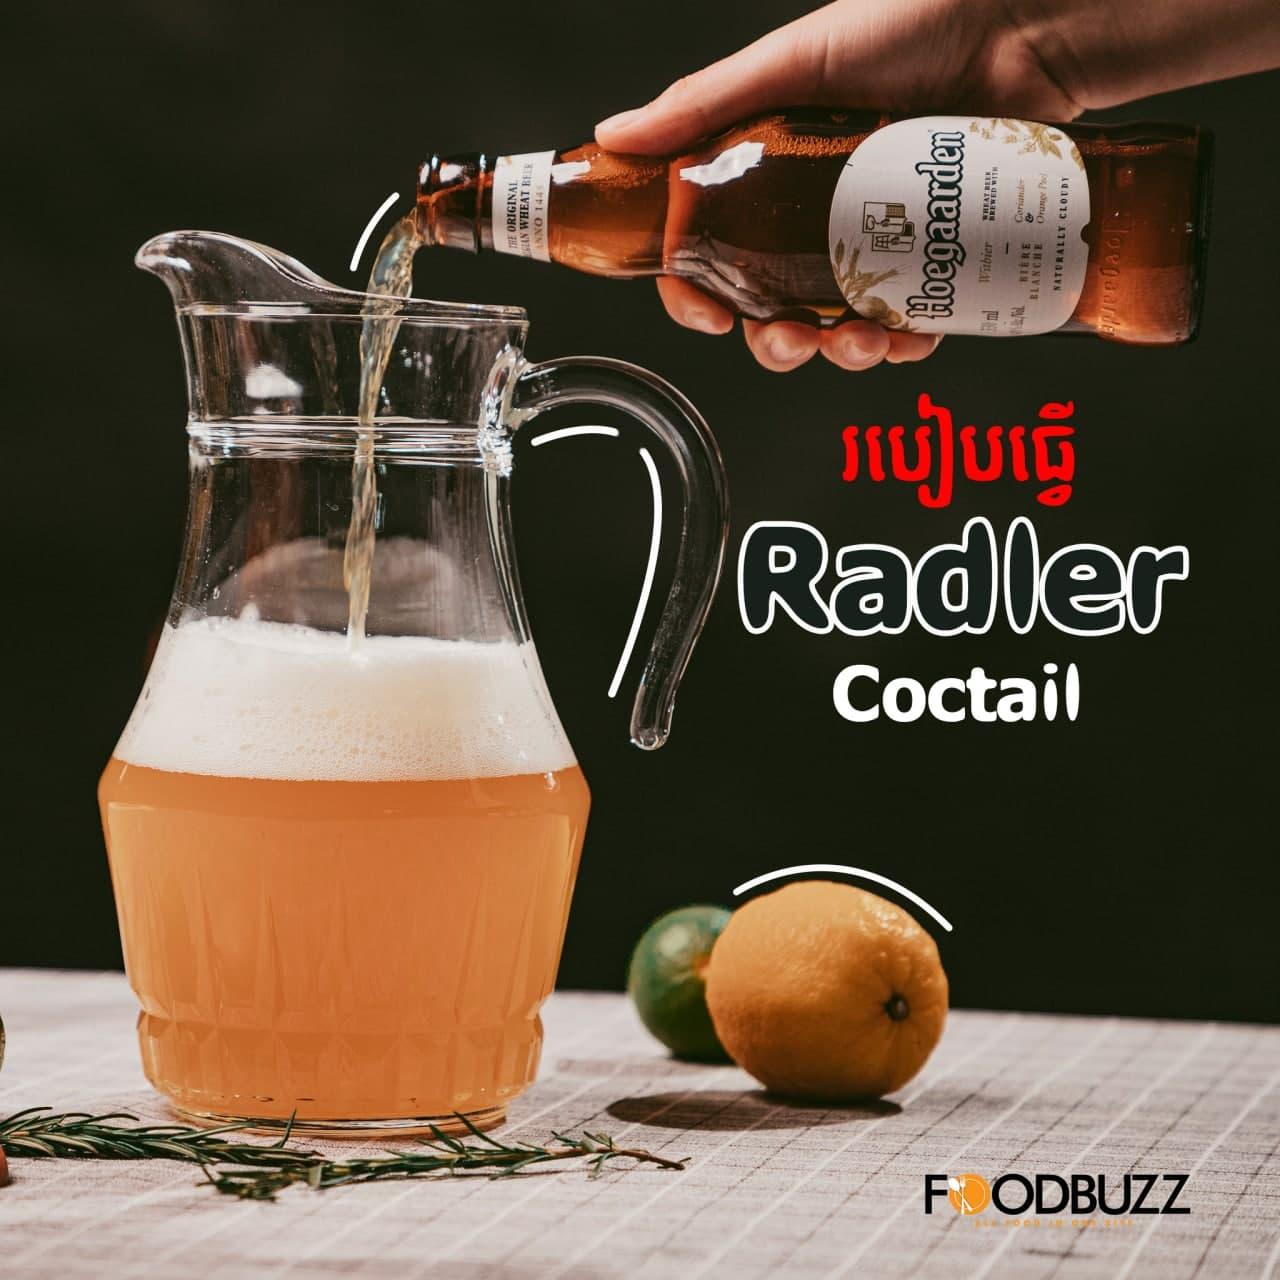 តោះរៀនធ្វើ Cocktail នៅផ្ទះជាមួយ Hoegaarden ធានាថាជីបមាត់ម៉ង